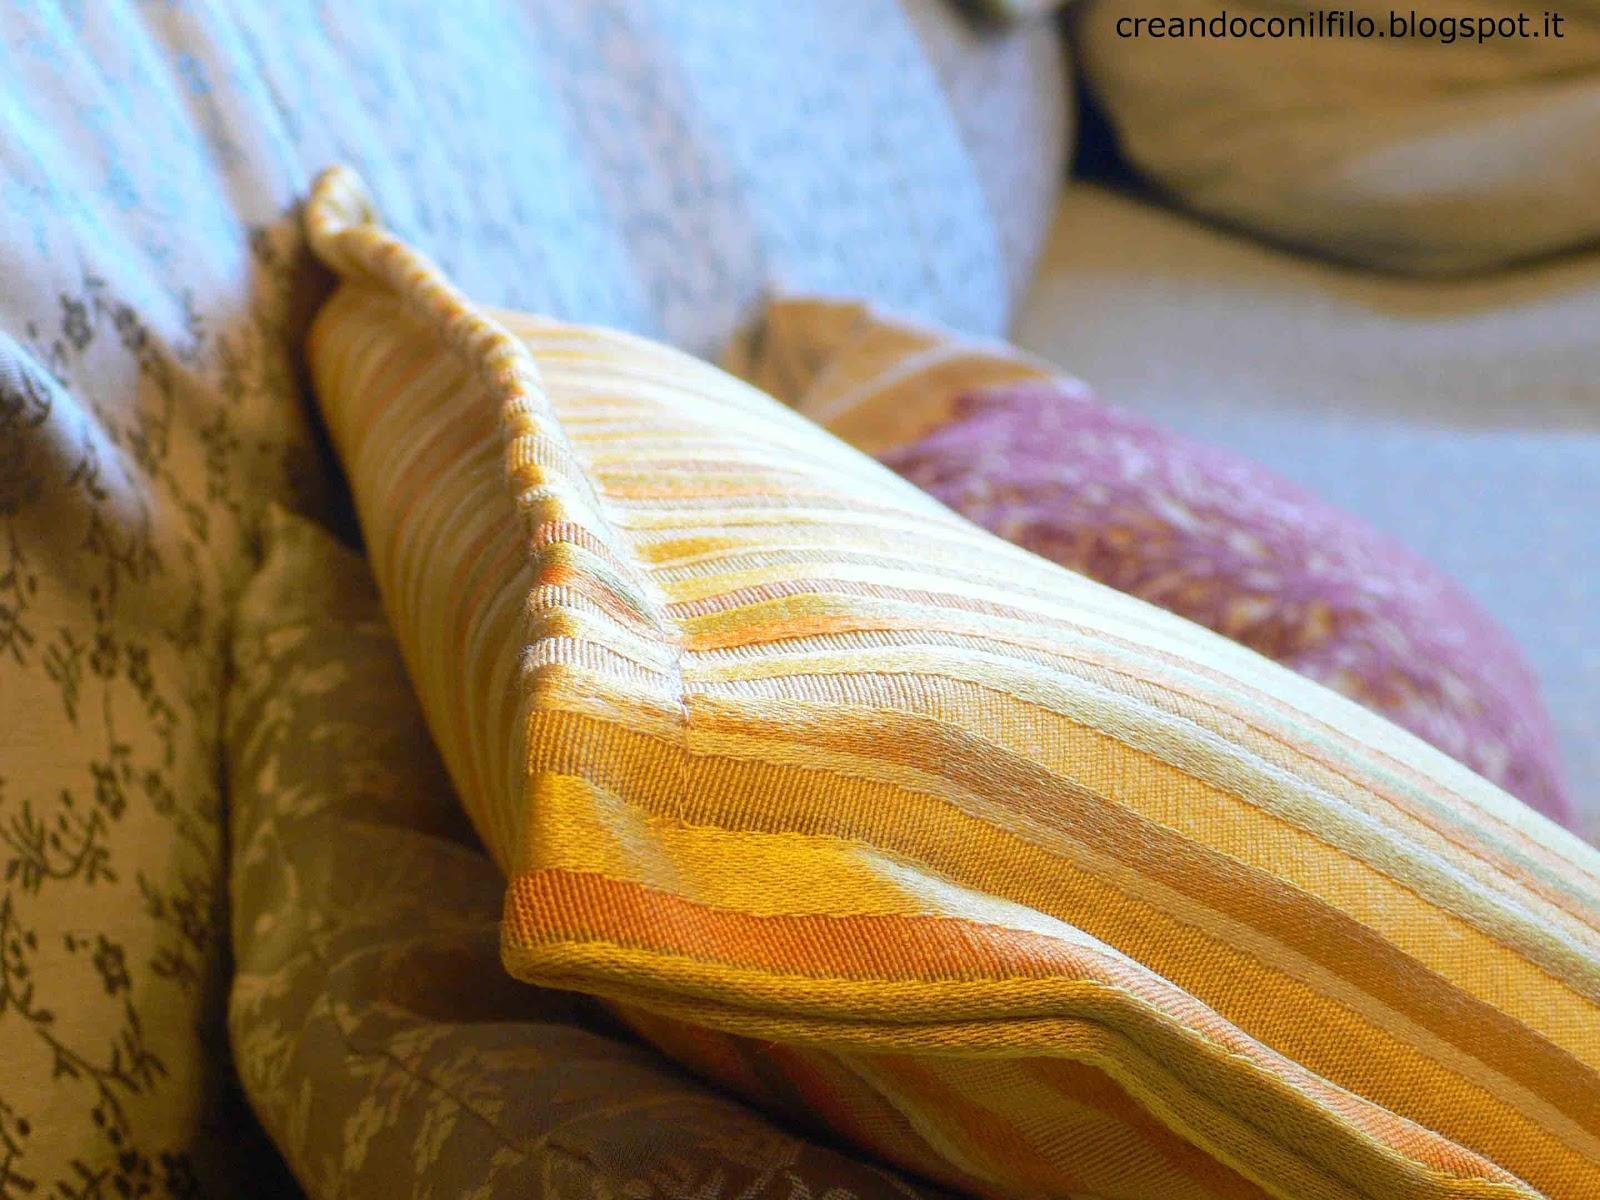 Creando con il filo il cuscino senza cerniera - Nozioni di cucito come ricoprire un divano ...